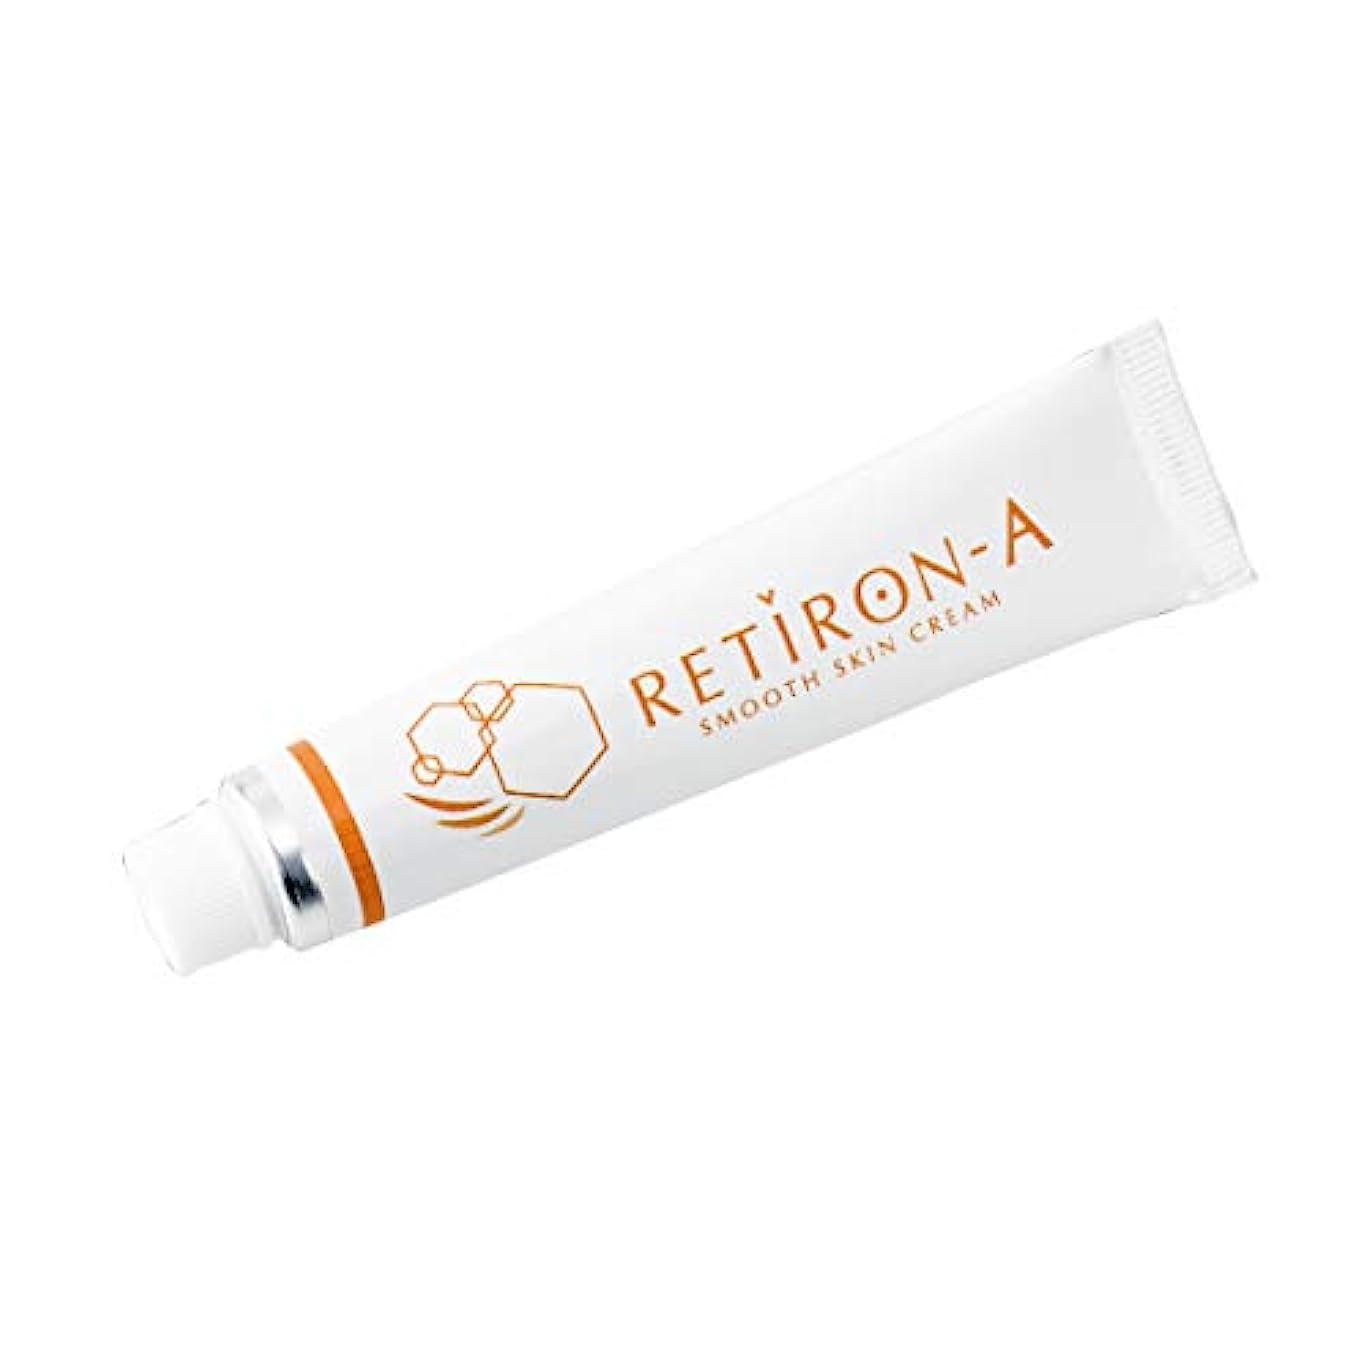 もし不健全貼り直すクリーム 化粧品 レチノール配合 レチロンA パラベンフリー